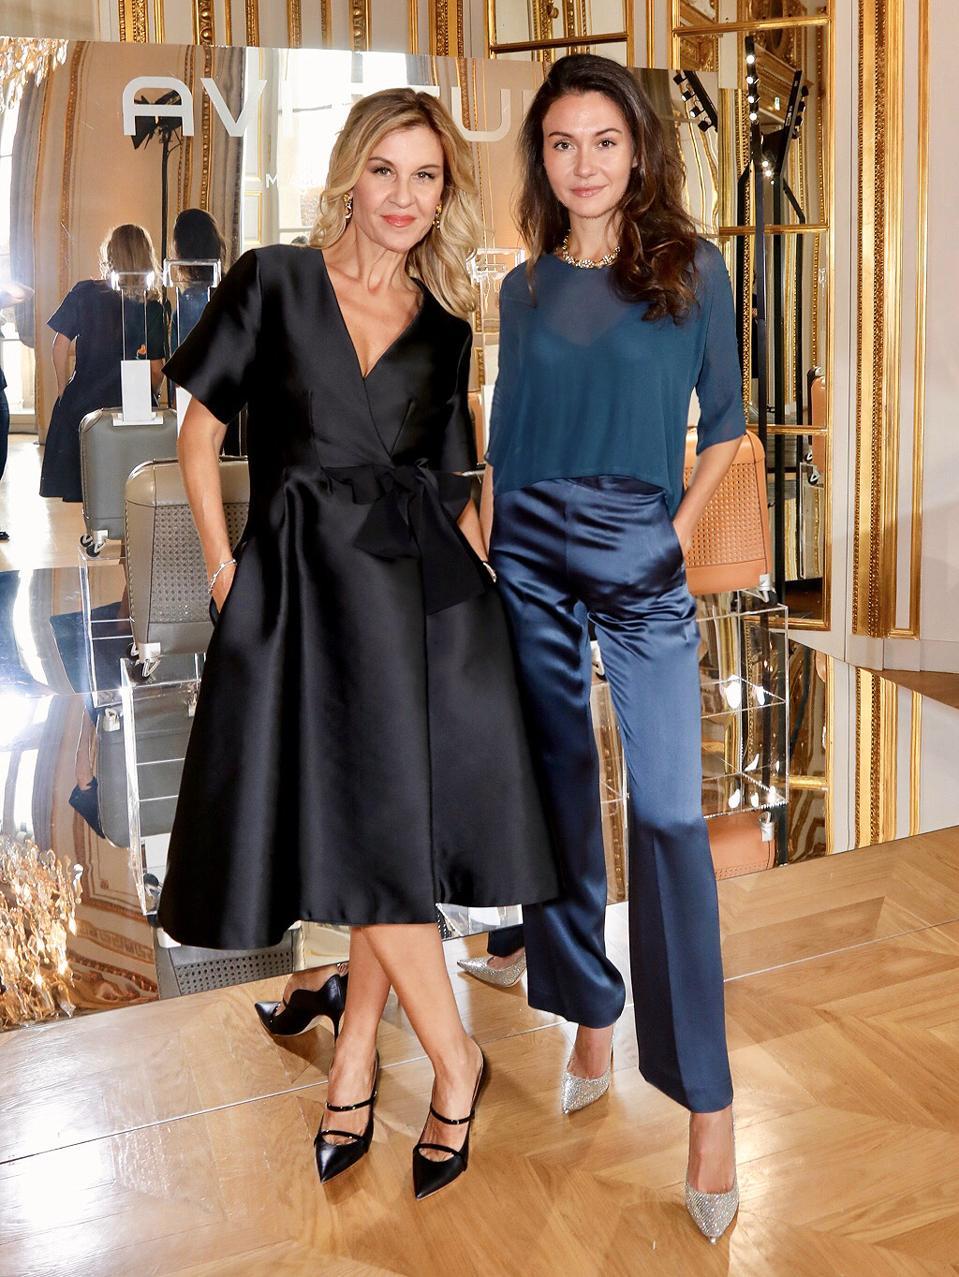 Patricia (L) and Victoria (R) Gucci